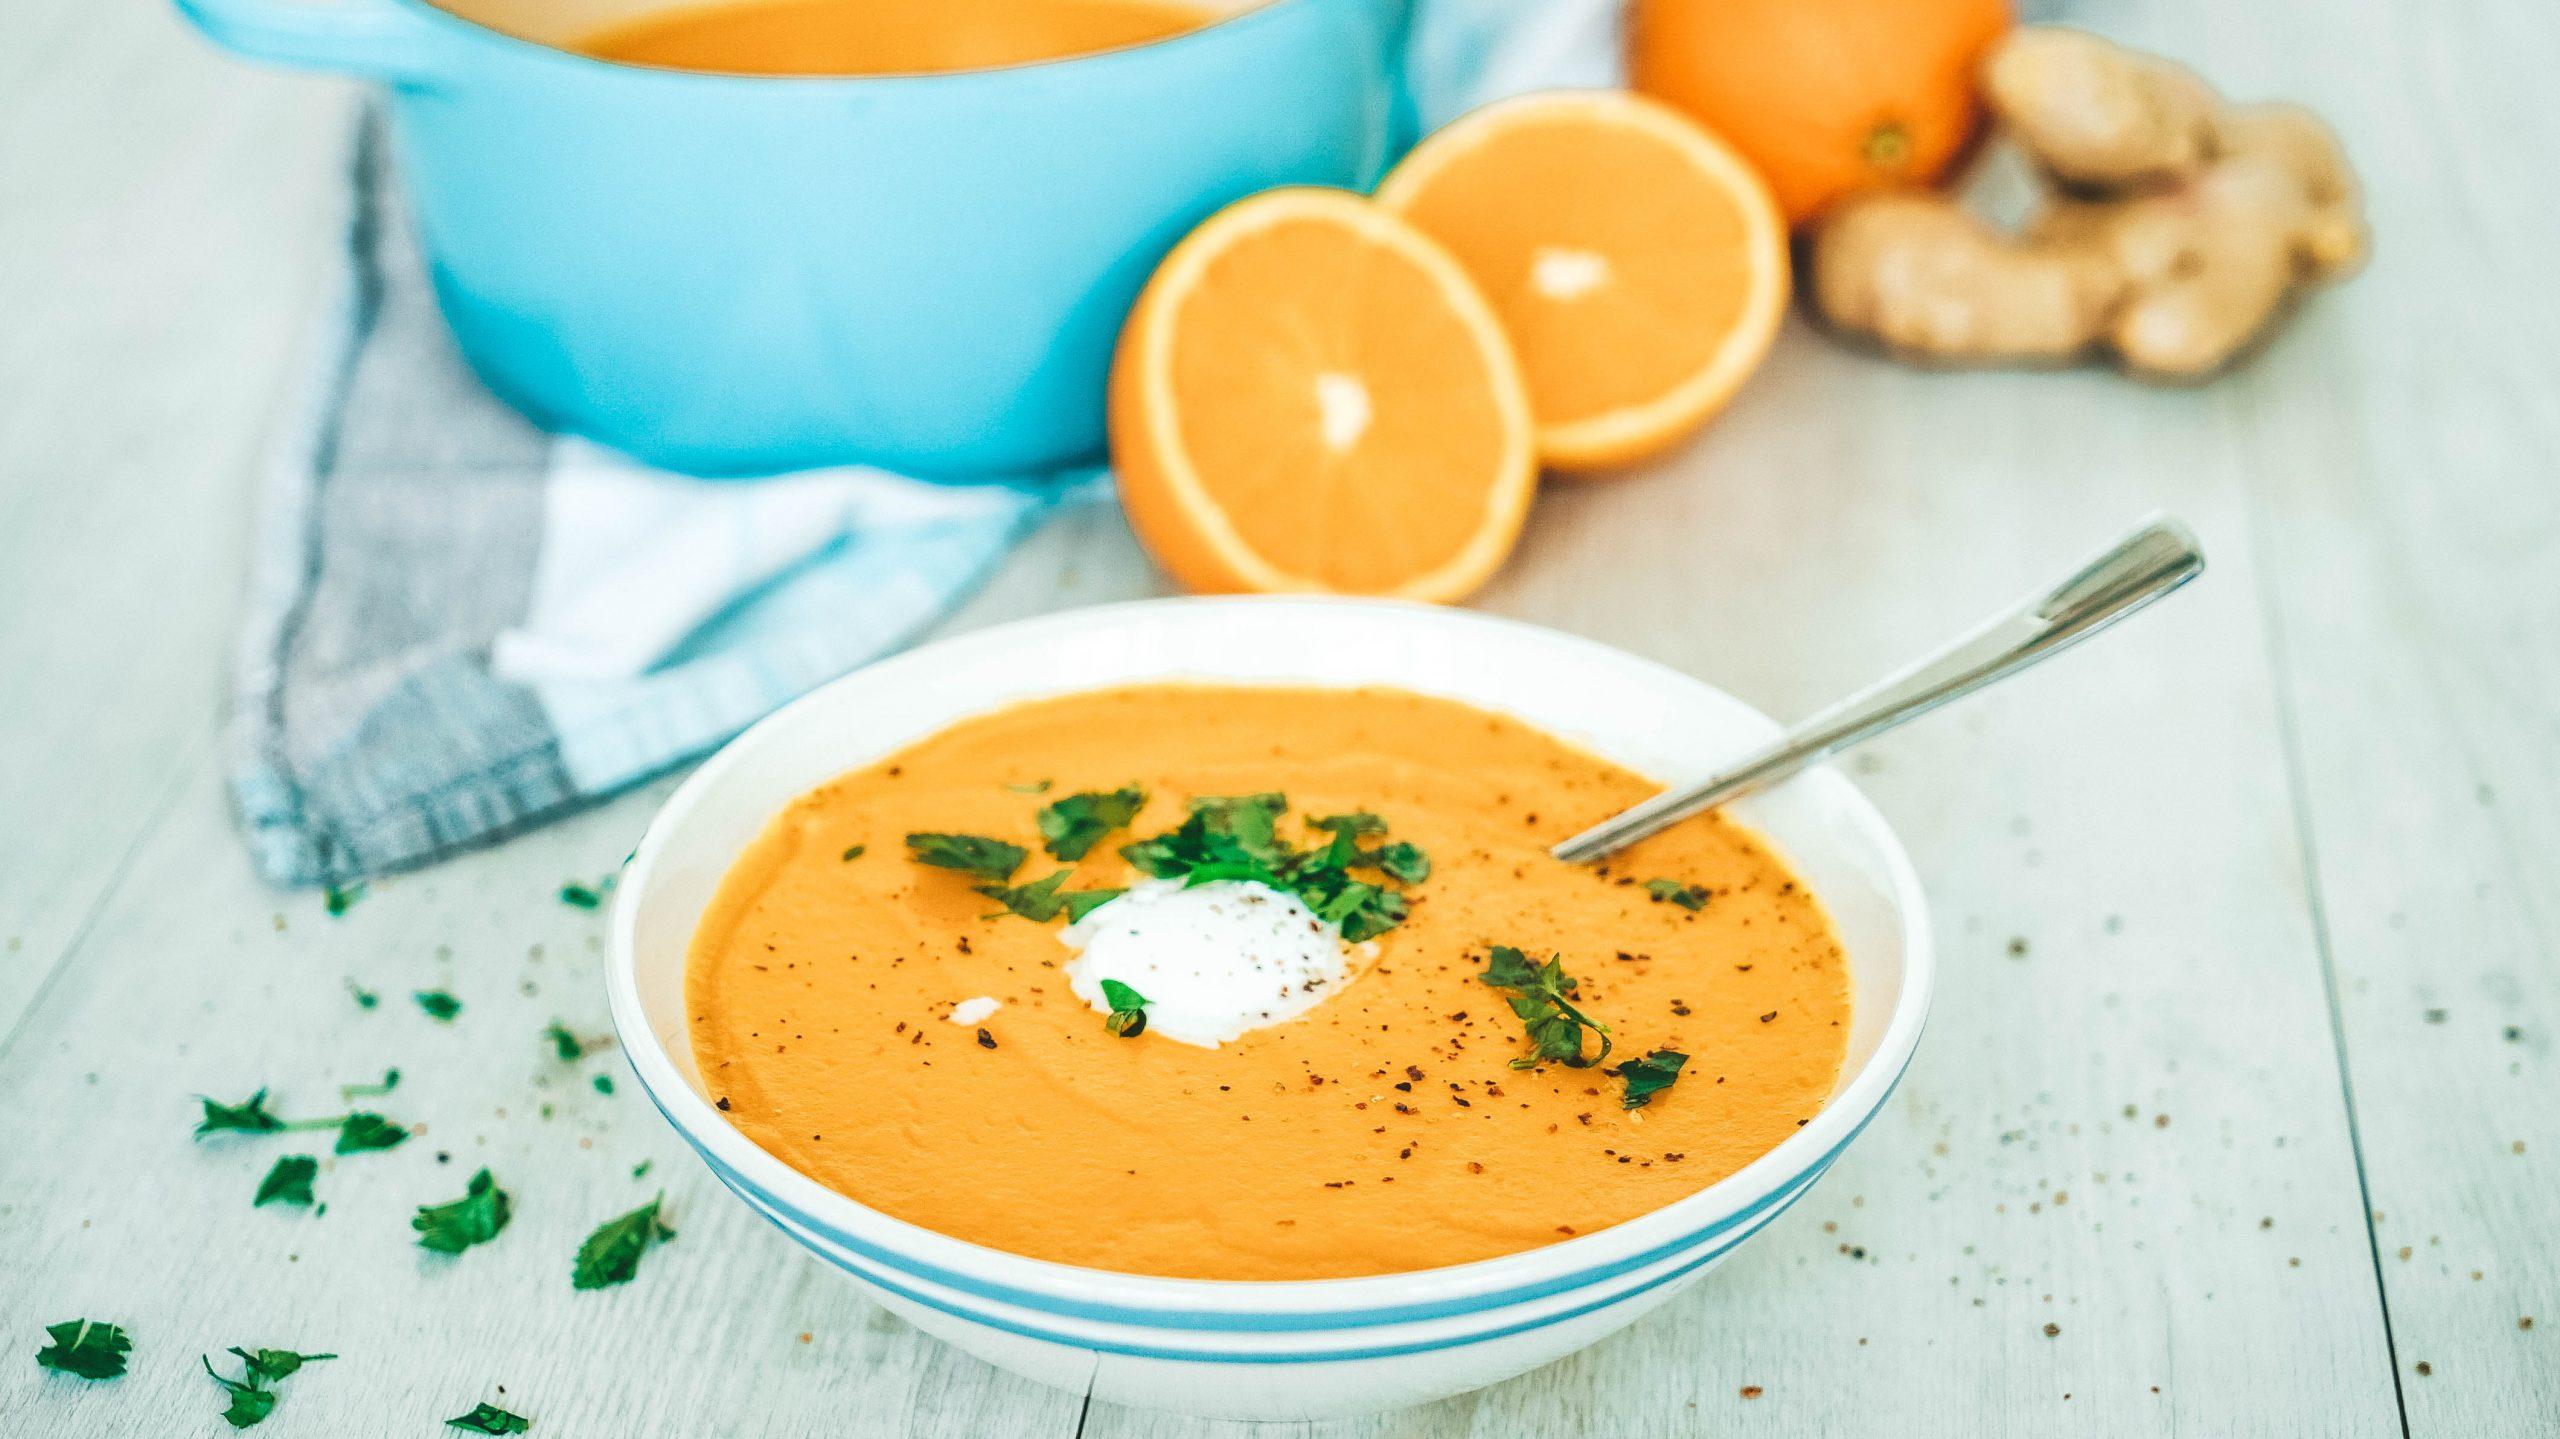 Orangen-Karotten-Suppe Mit Ingwer innen Karotten Orangen Ingwer Suppe Rezept